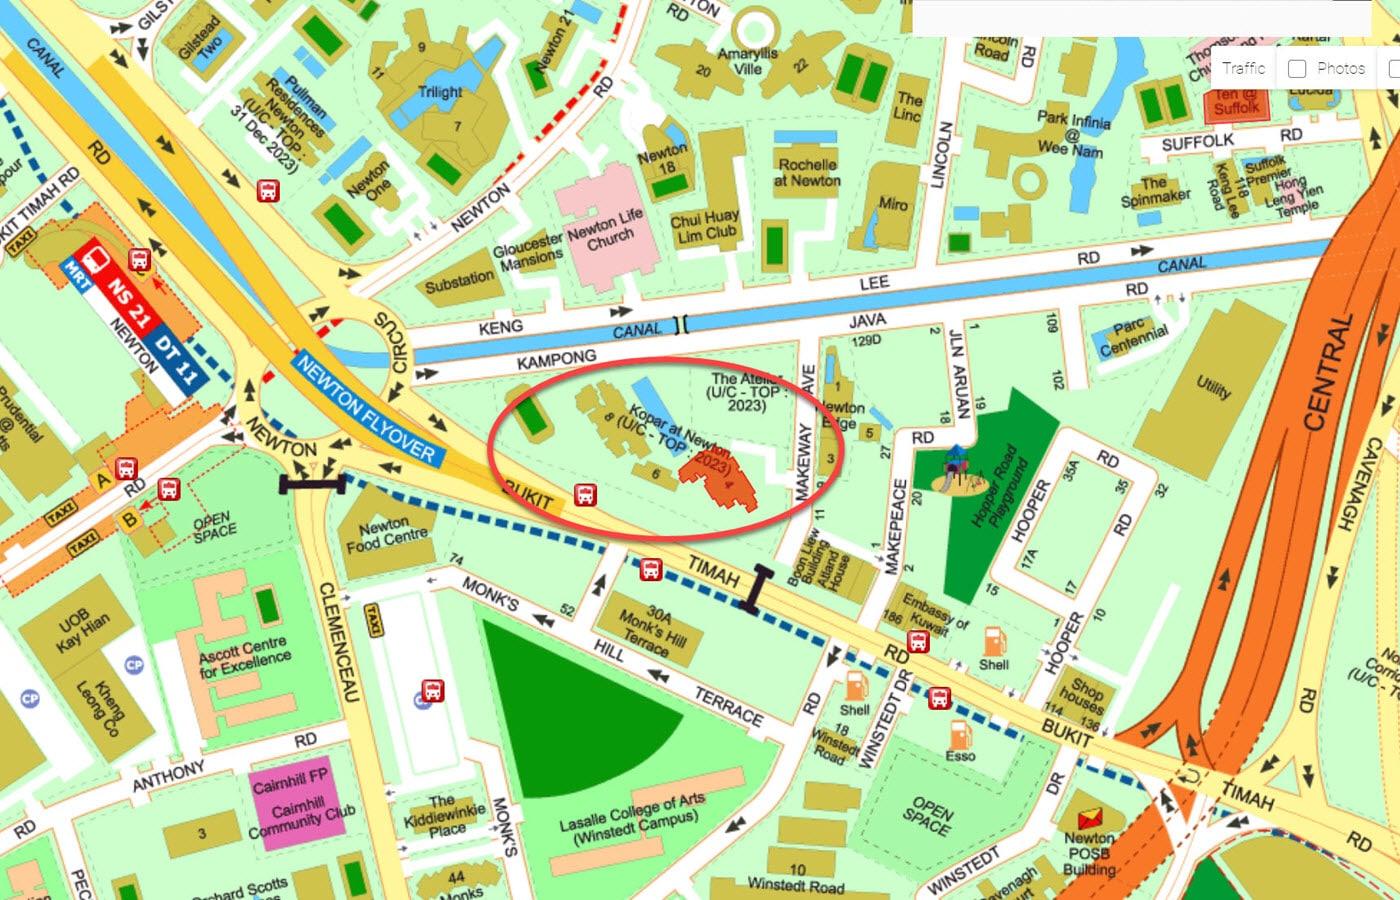 Kopar at Newton - Street Directory Map